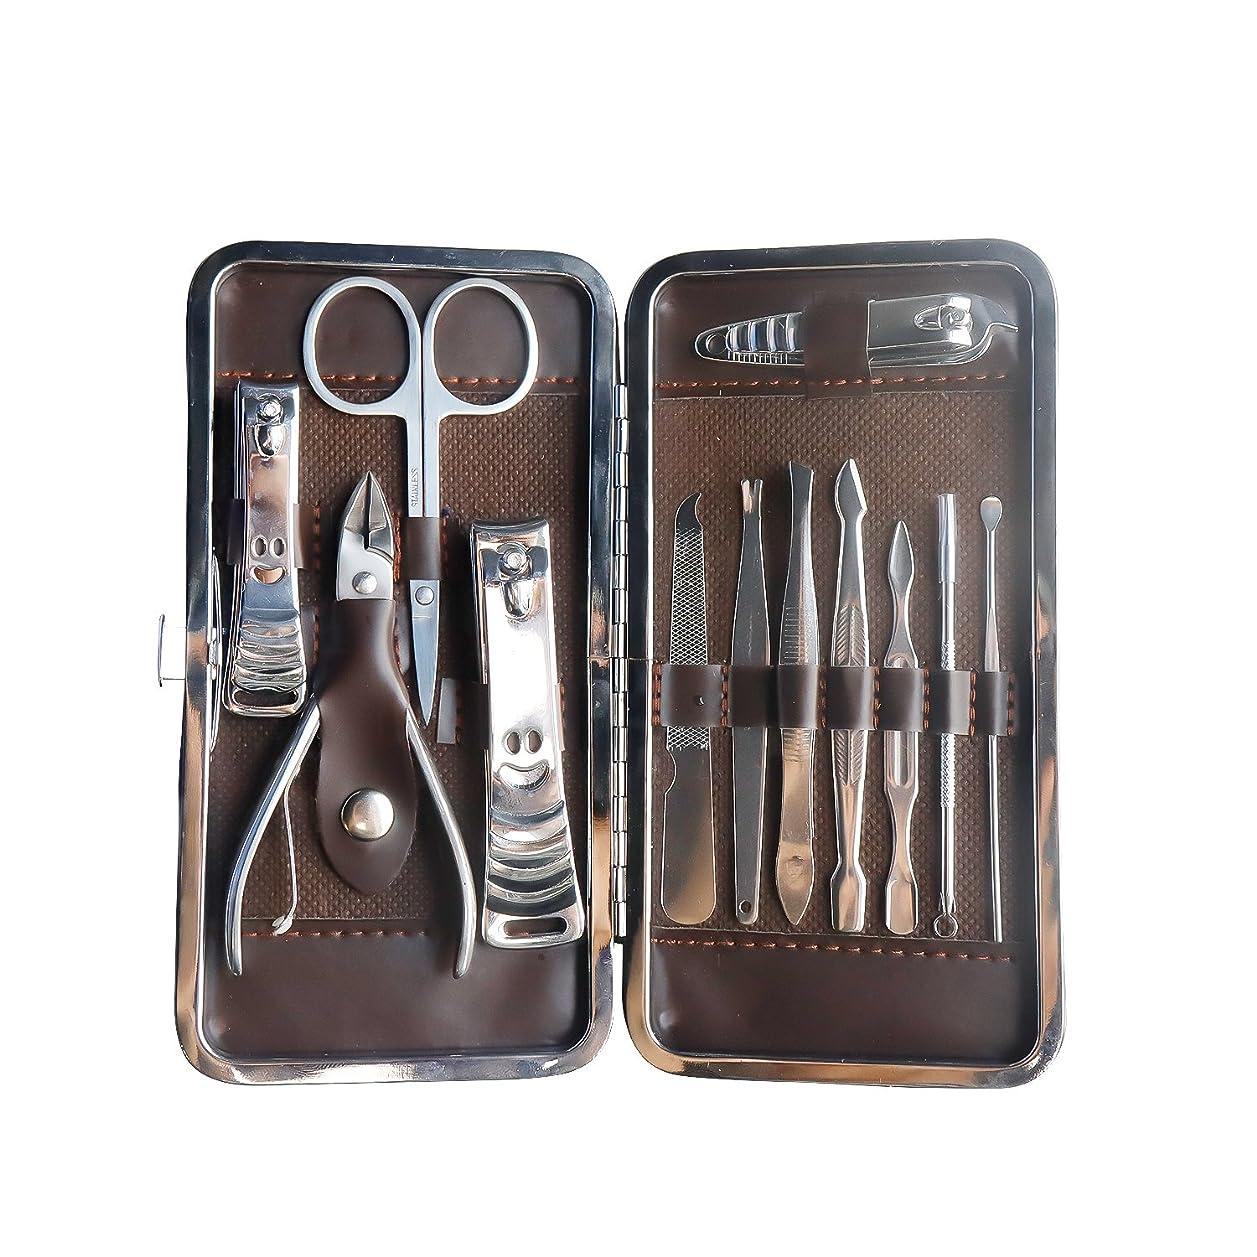 誤水平電子レンジLS-EPOCH爪切りセット 、高級感 ネイルケア12点セット グルーミング エチケット ハサミ 爪 やすり、 眉用ハサミ、耳かきなどを含む グルーミング キット ステンレス製、男女兼用 、旅行用 贈り物 携帯 収納ケース付き